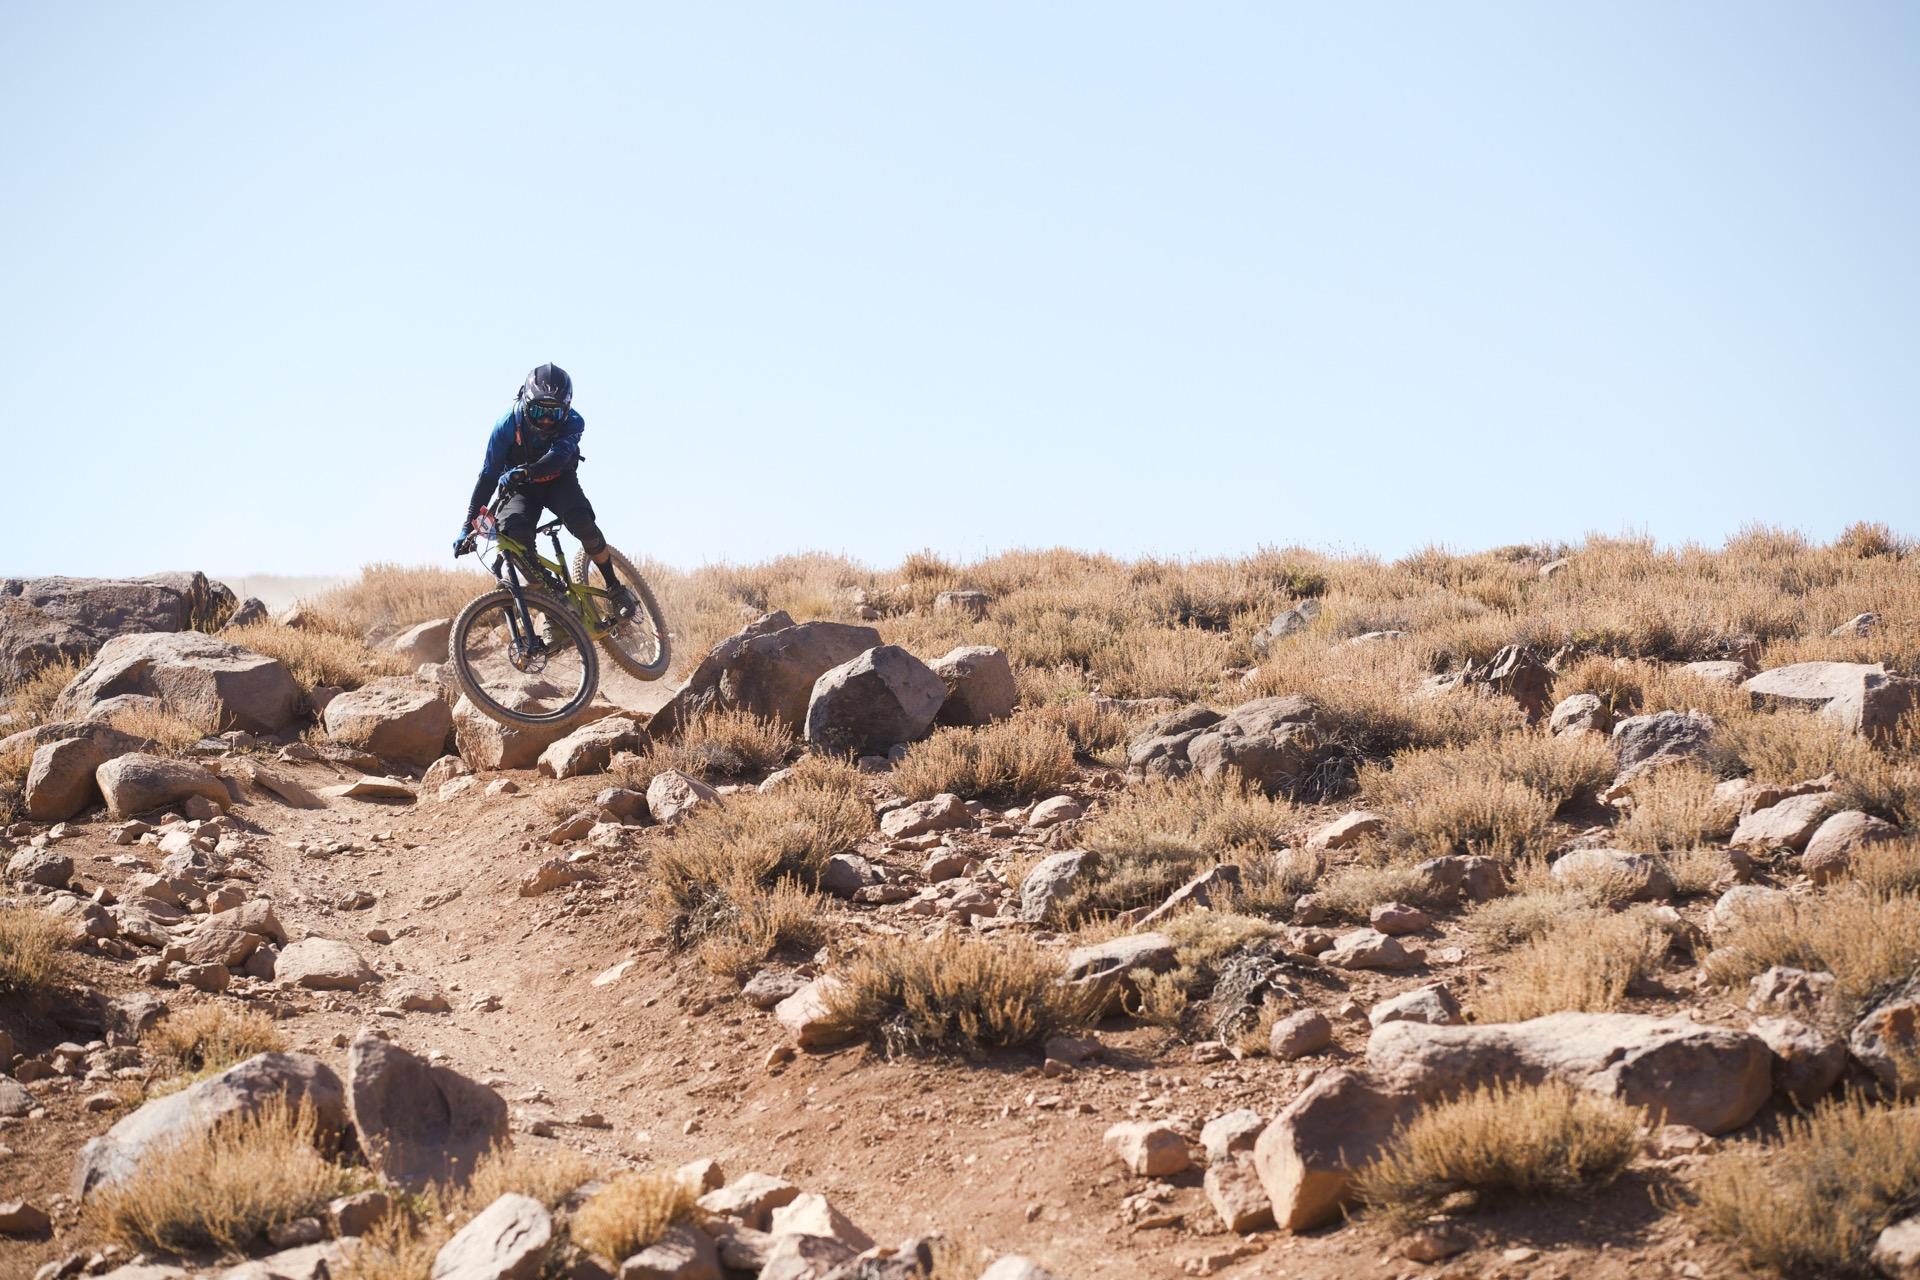 Santa Cruz Bicycles - Iago Garay at Andes Pacifico